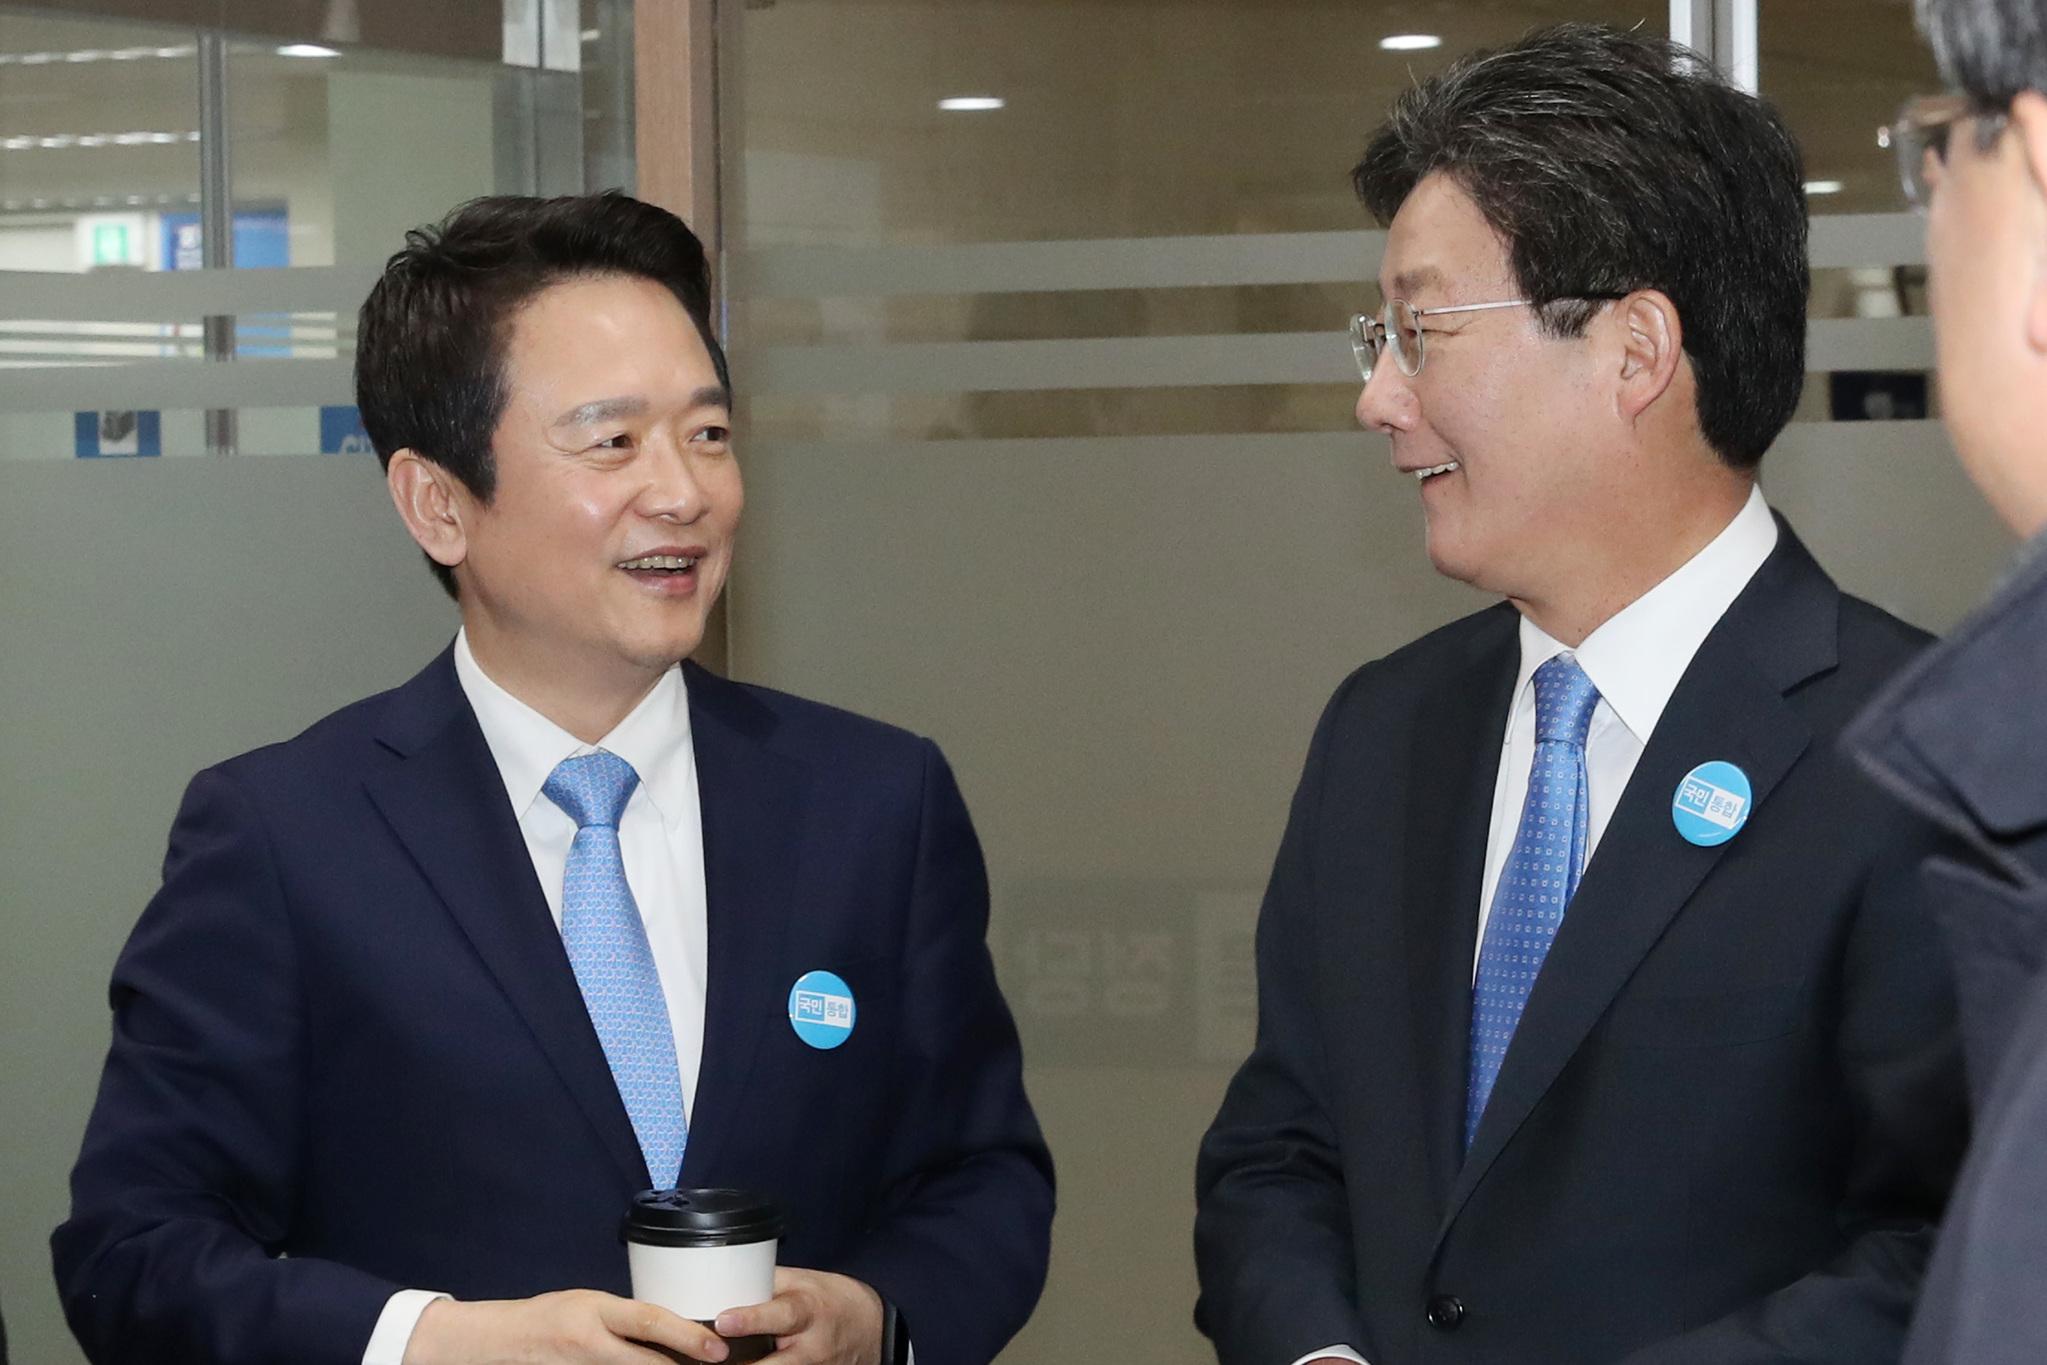 남경필 바른정당 의원(왼쪽)이 2일 오전 서울 여의도 당사에서 대선 공약발표 기자회견을 마친 뒤 유승민 의원과 만나 인사를 나누고 있다. 김경록 기자